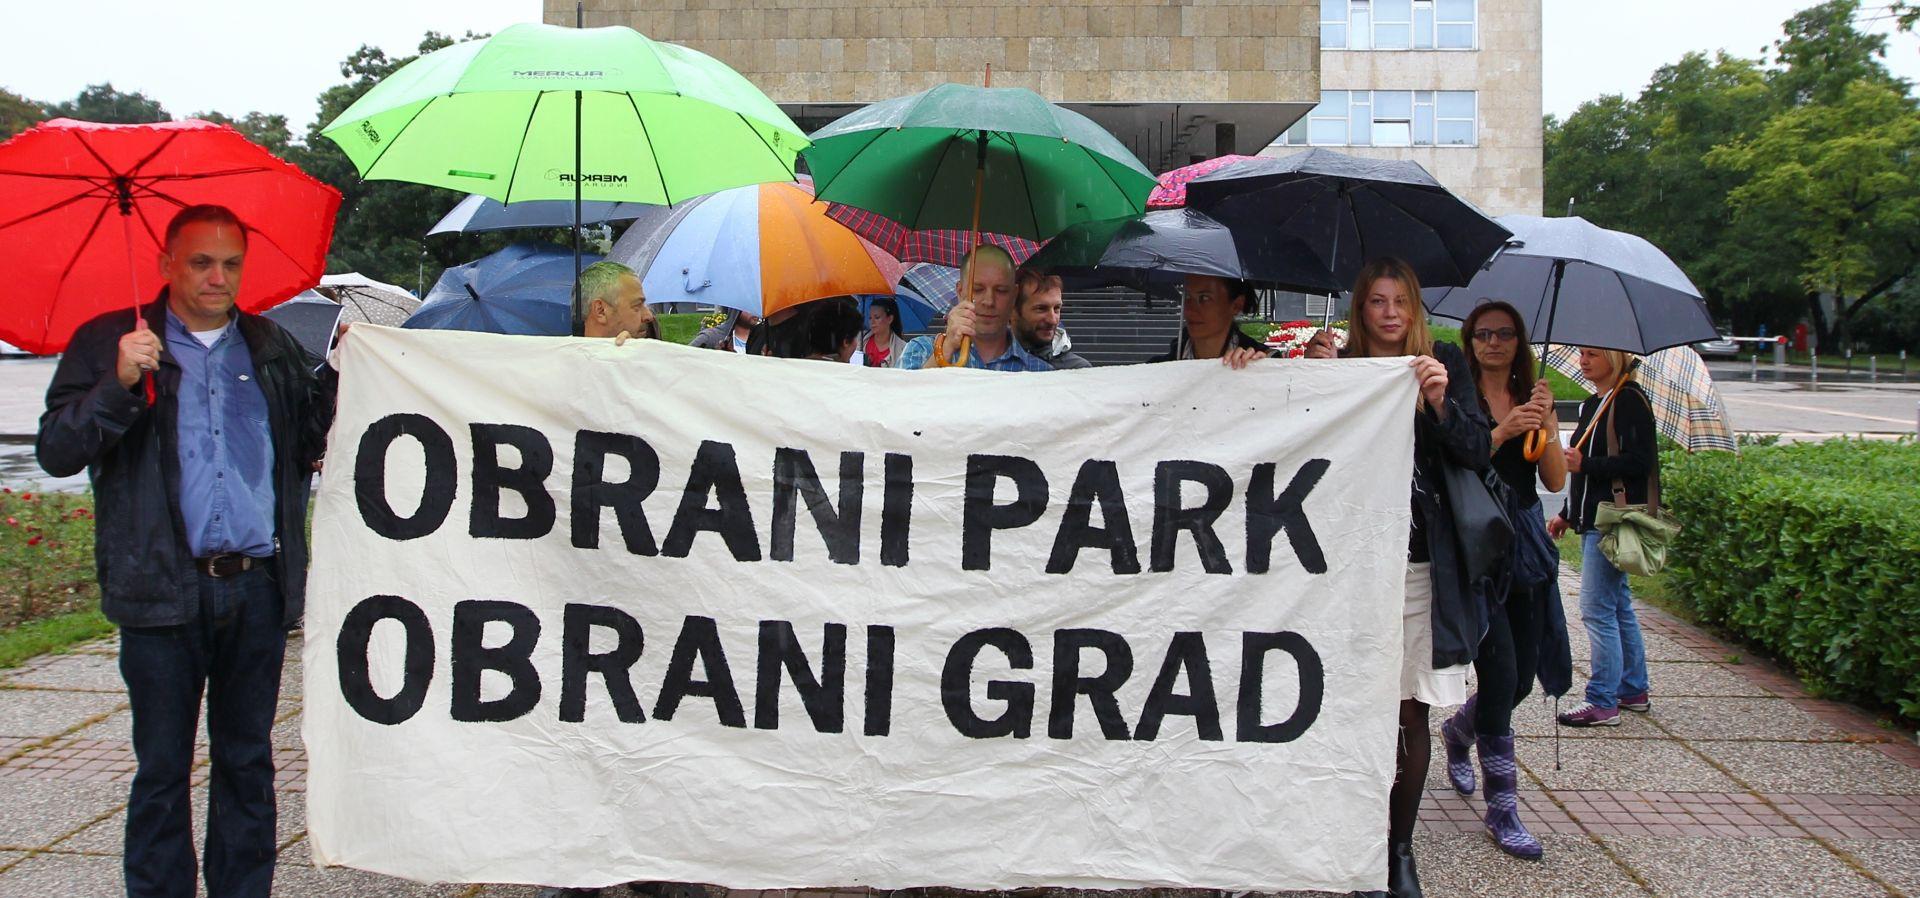 Preko 2000 ljudi prosvjeduje protiv gradnje crkve u parku na Savici